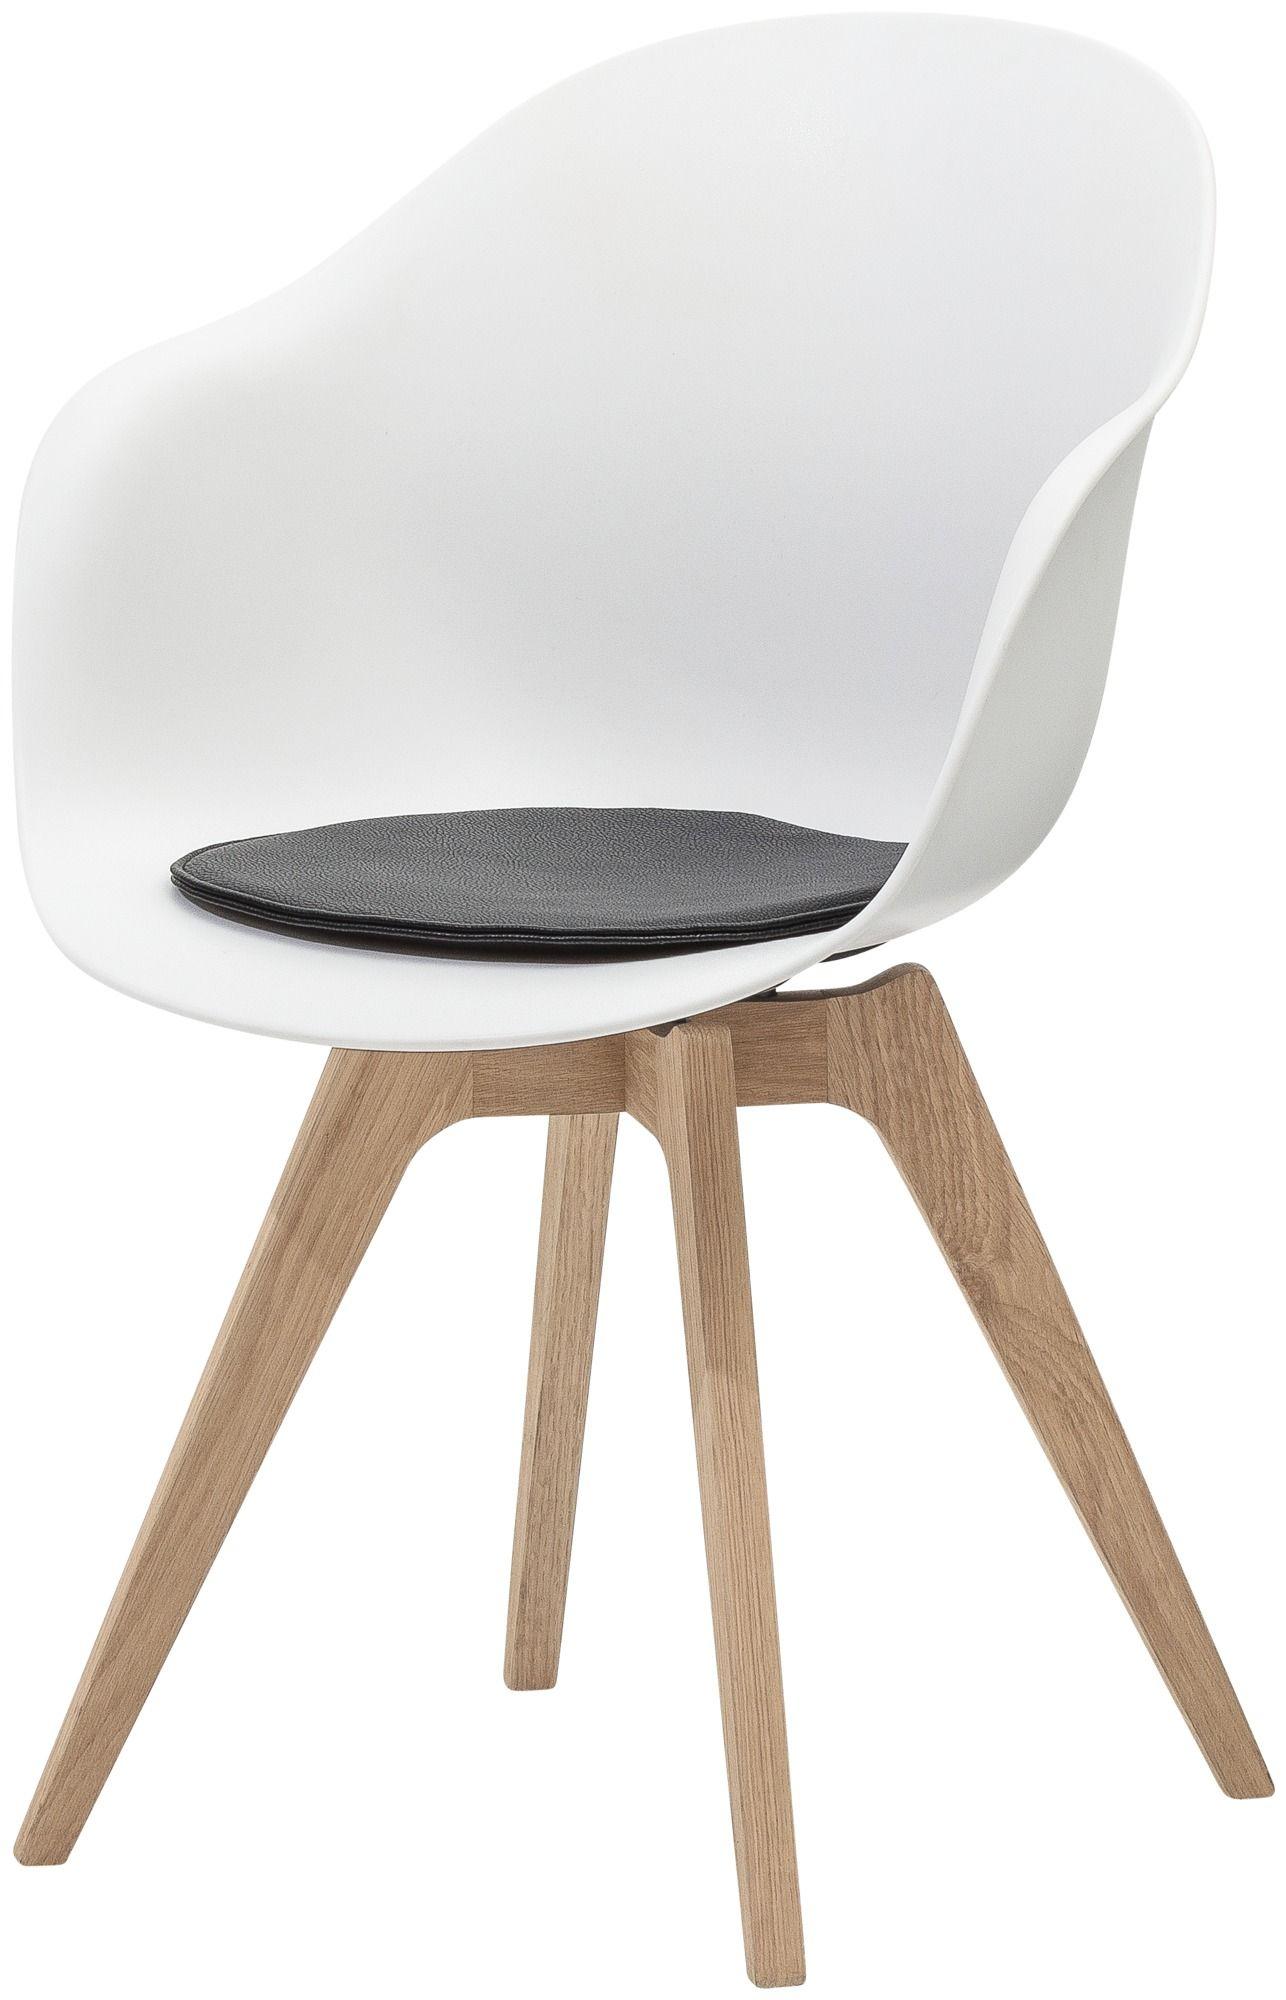 Boconcept Chaises Chaise De Salle A Manger Chaises De Salon Modernes Chaise